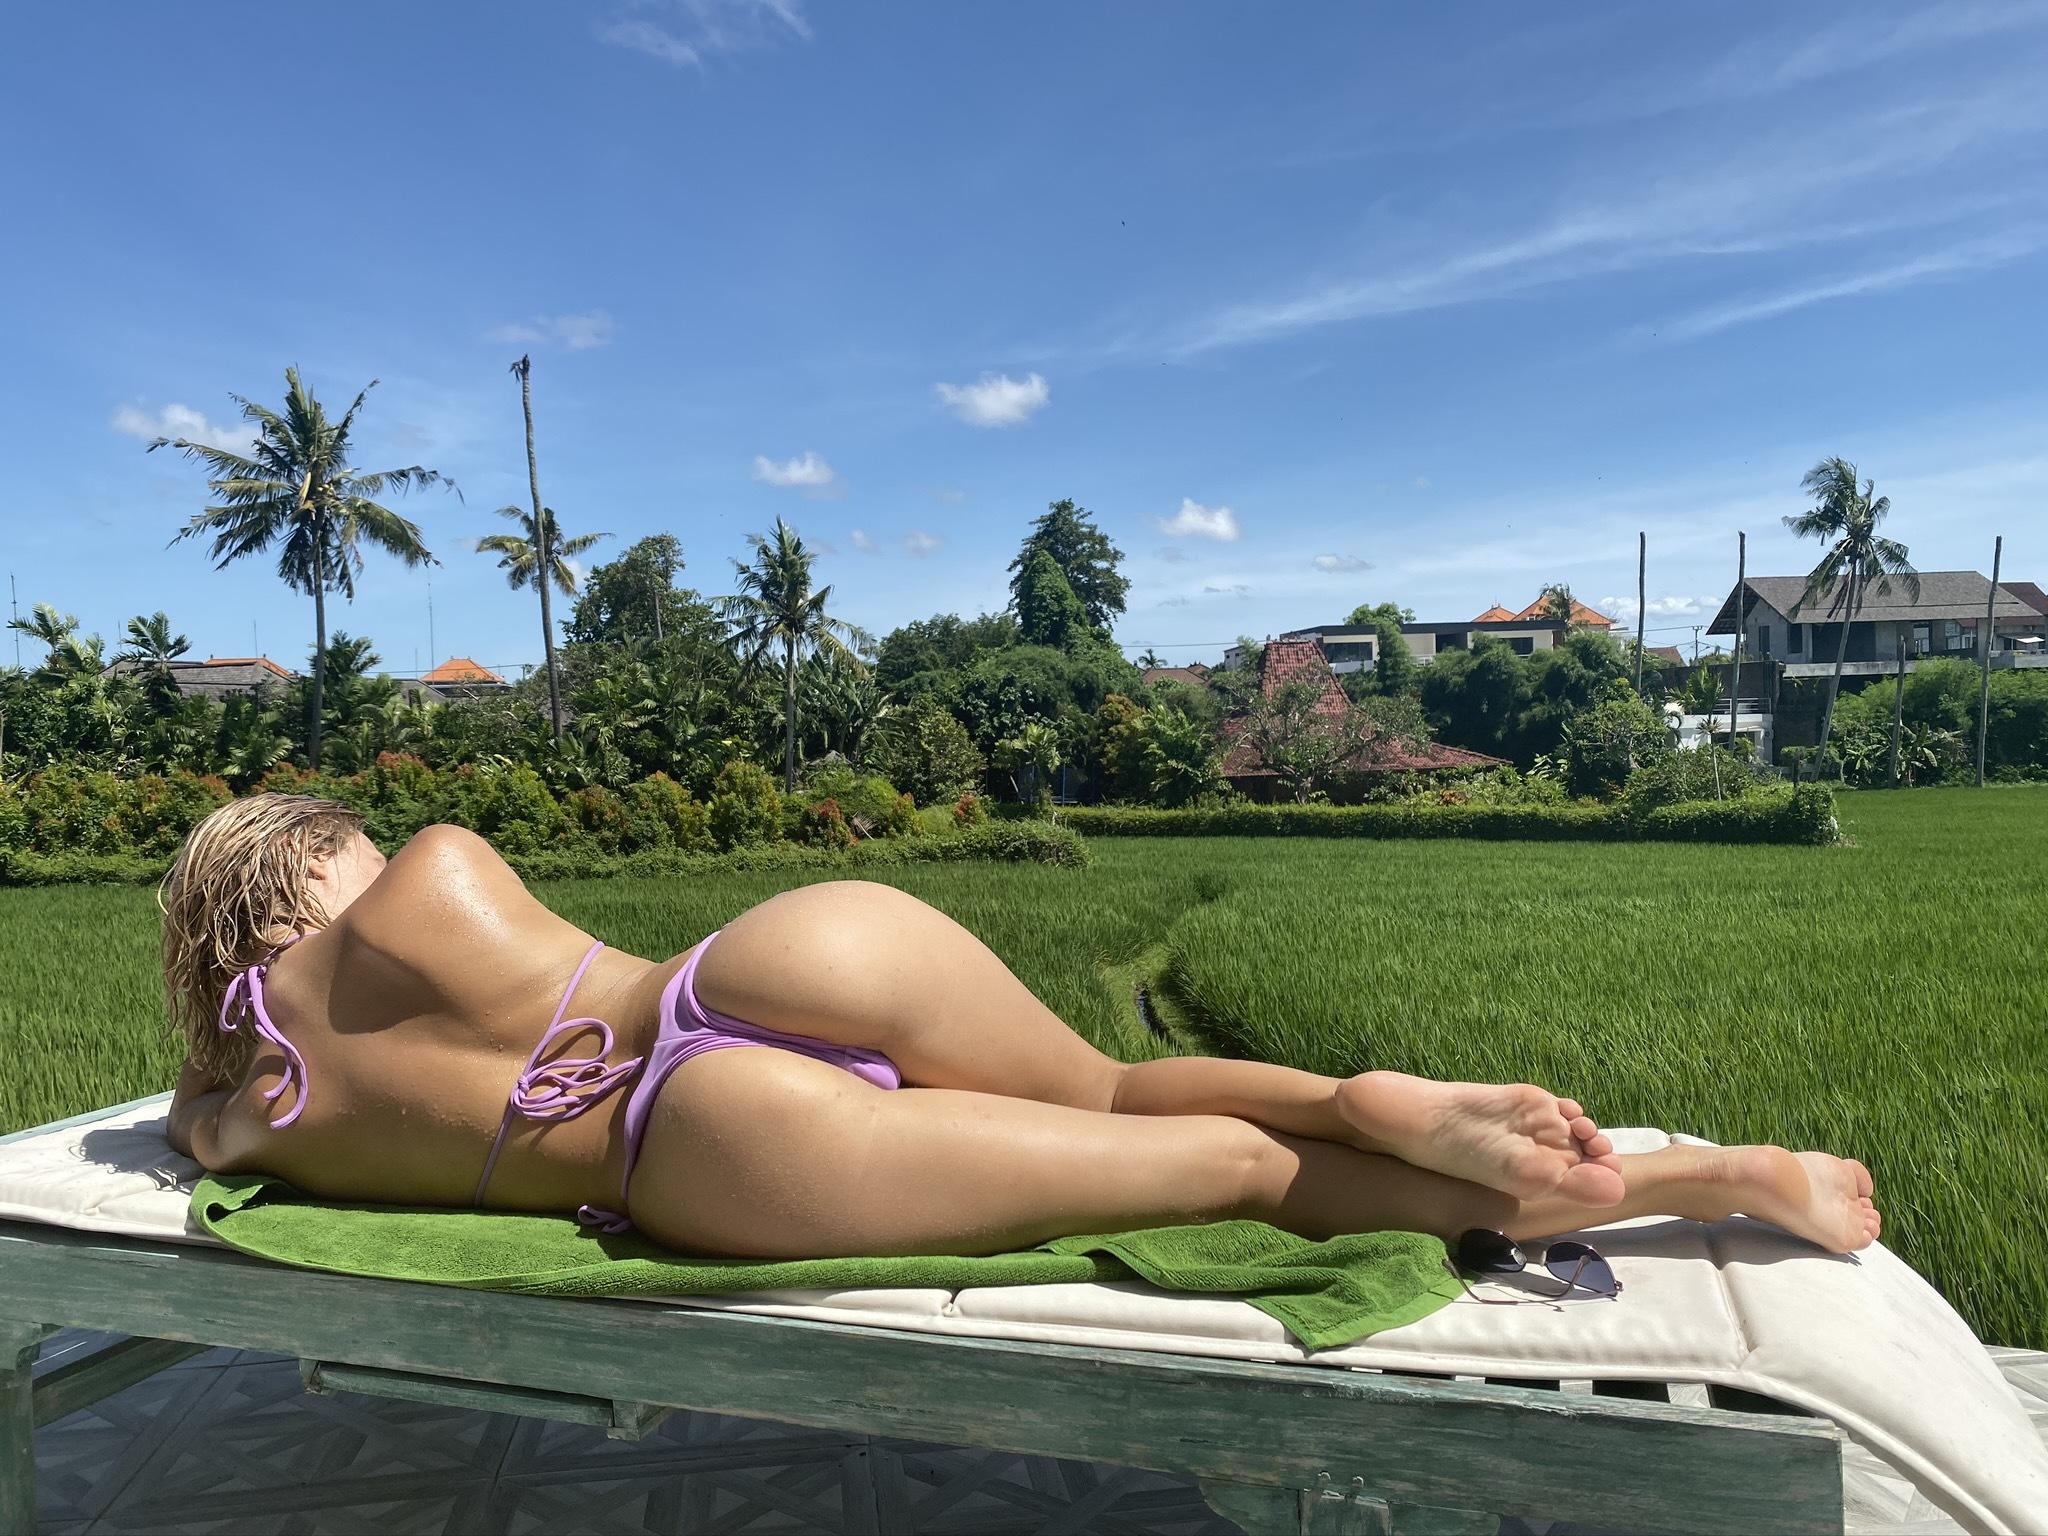 Natalia Starr @nataliaxstarr OnlyFans Full Size Profile